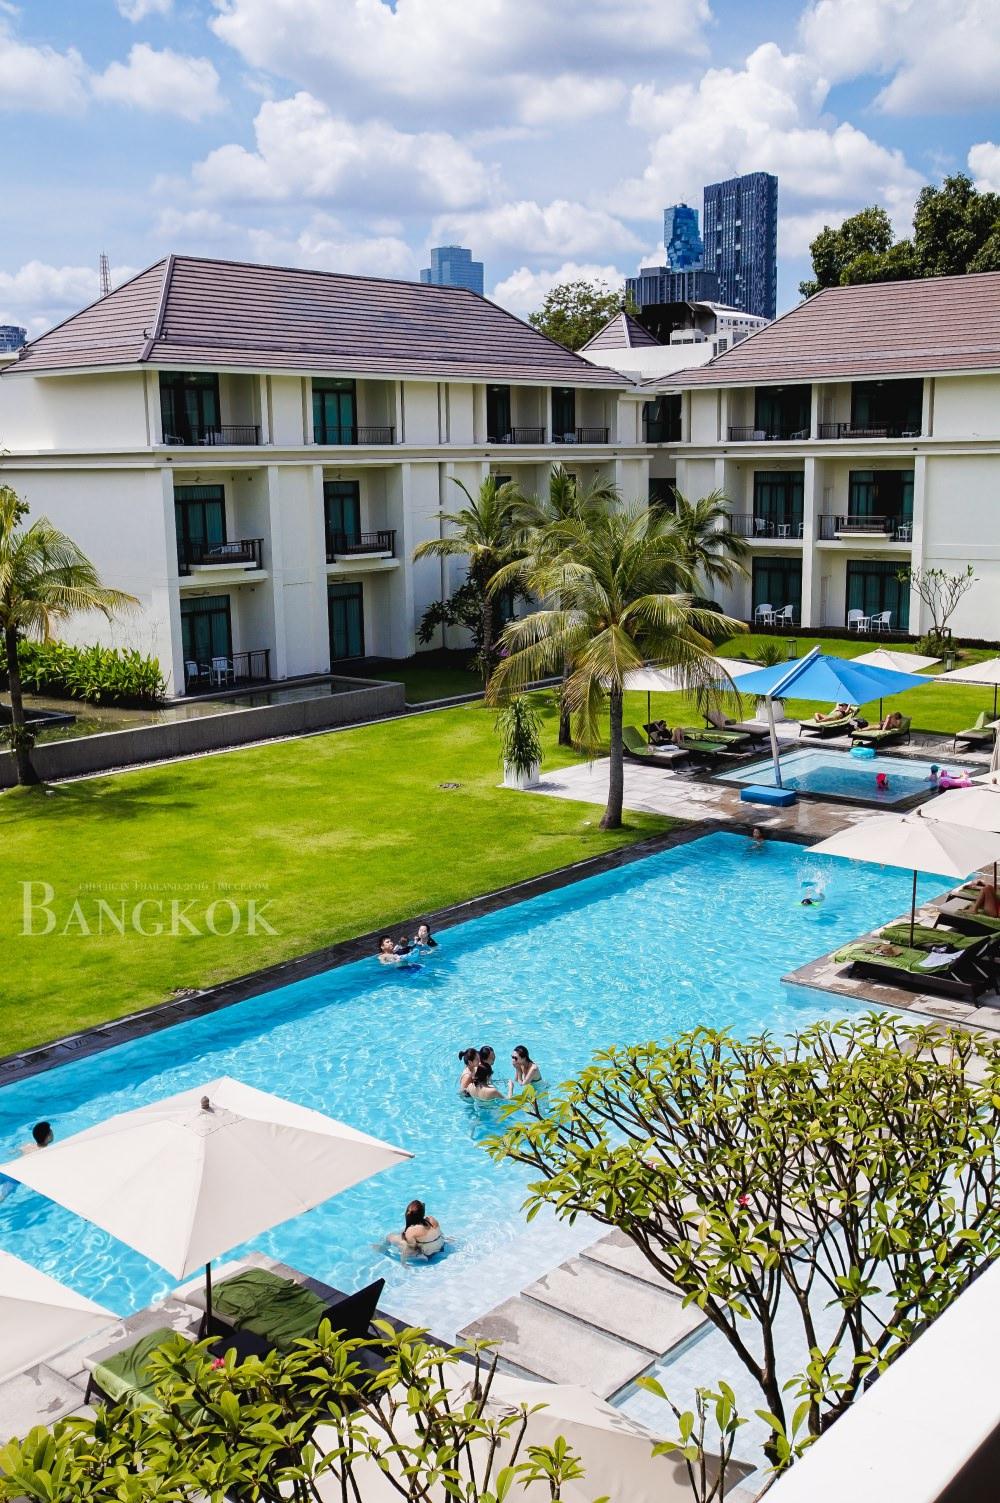 曼谷市中心飯店,曼谷度假飯店,曼谷自由行,曼谷機票,曼谷住宿,曼谷飯店,曼谷購物,曼谷必買,曼谷機場,曼谷天氣